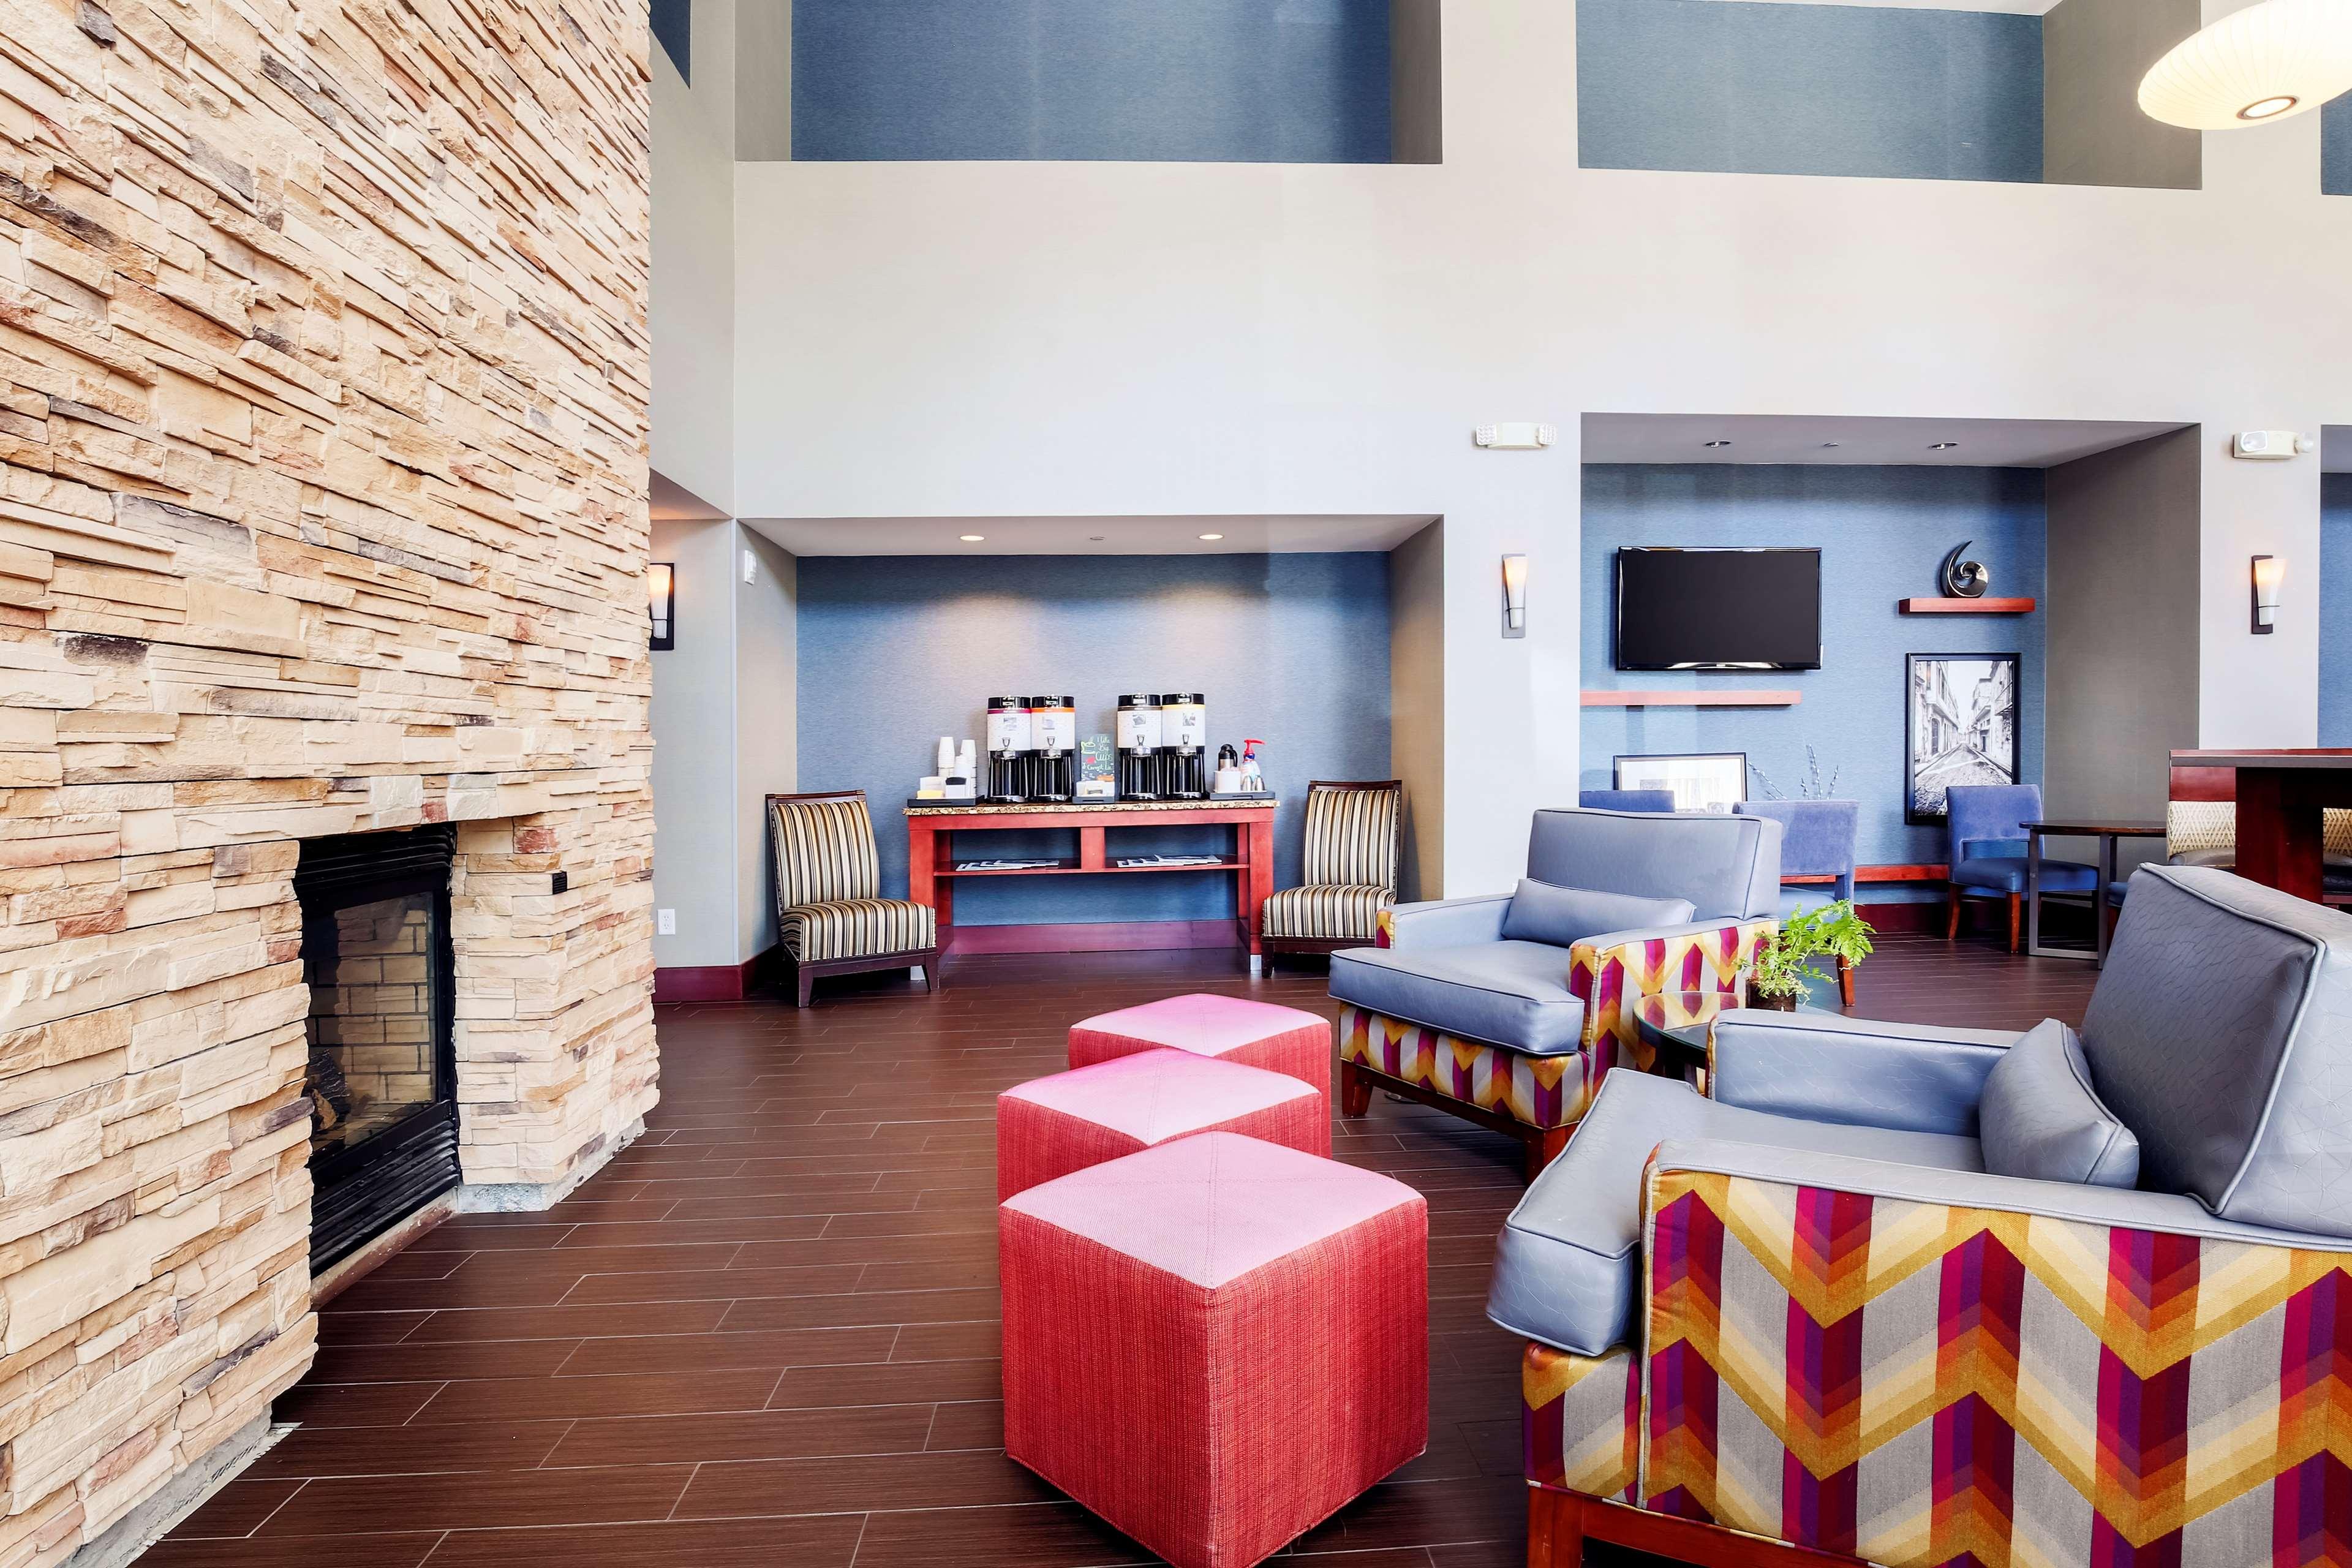 hampton inn suites poughkeepsie poughkeepsie new york. Black Bedroom Furniture Sets. Home Design Ideas